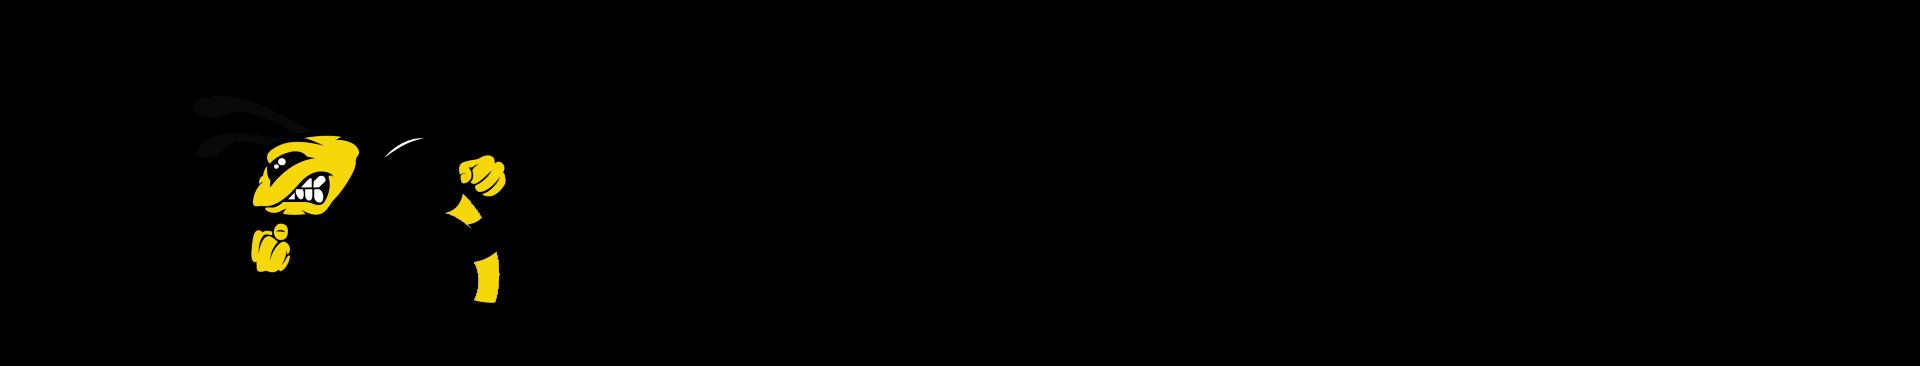 Turbowheel Hornet Logo